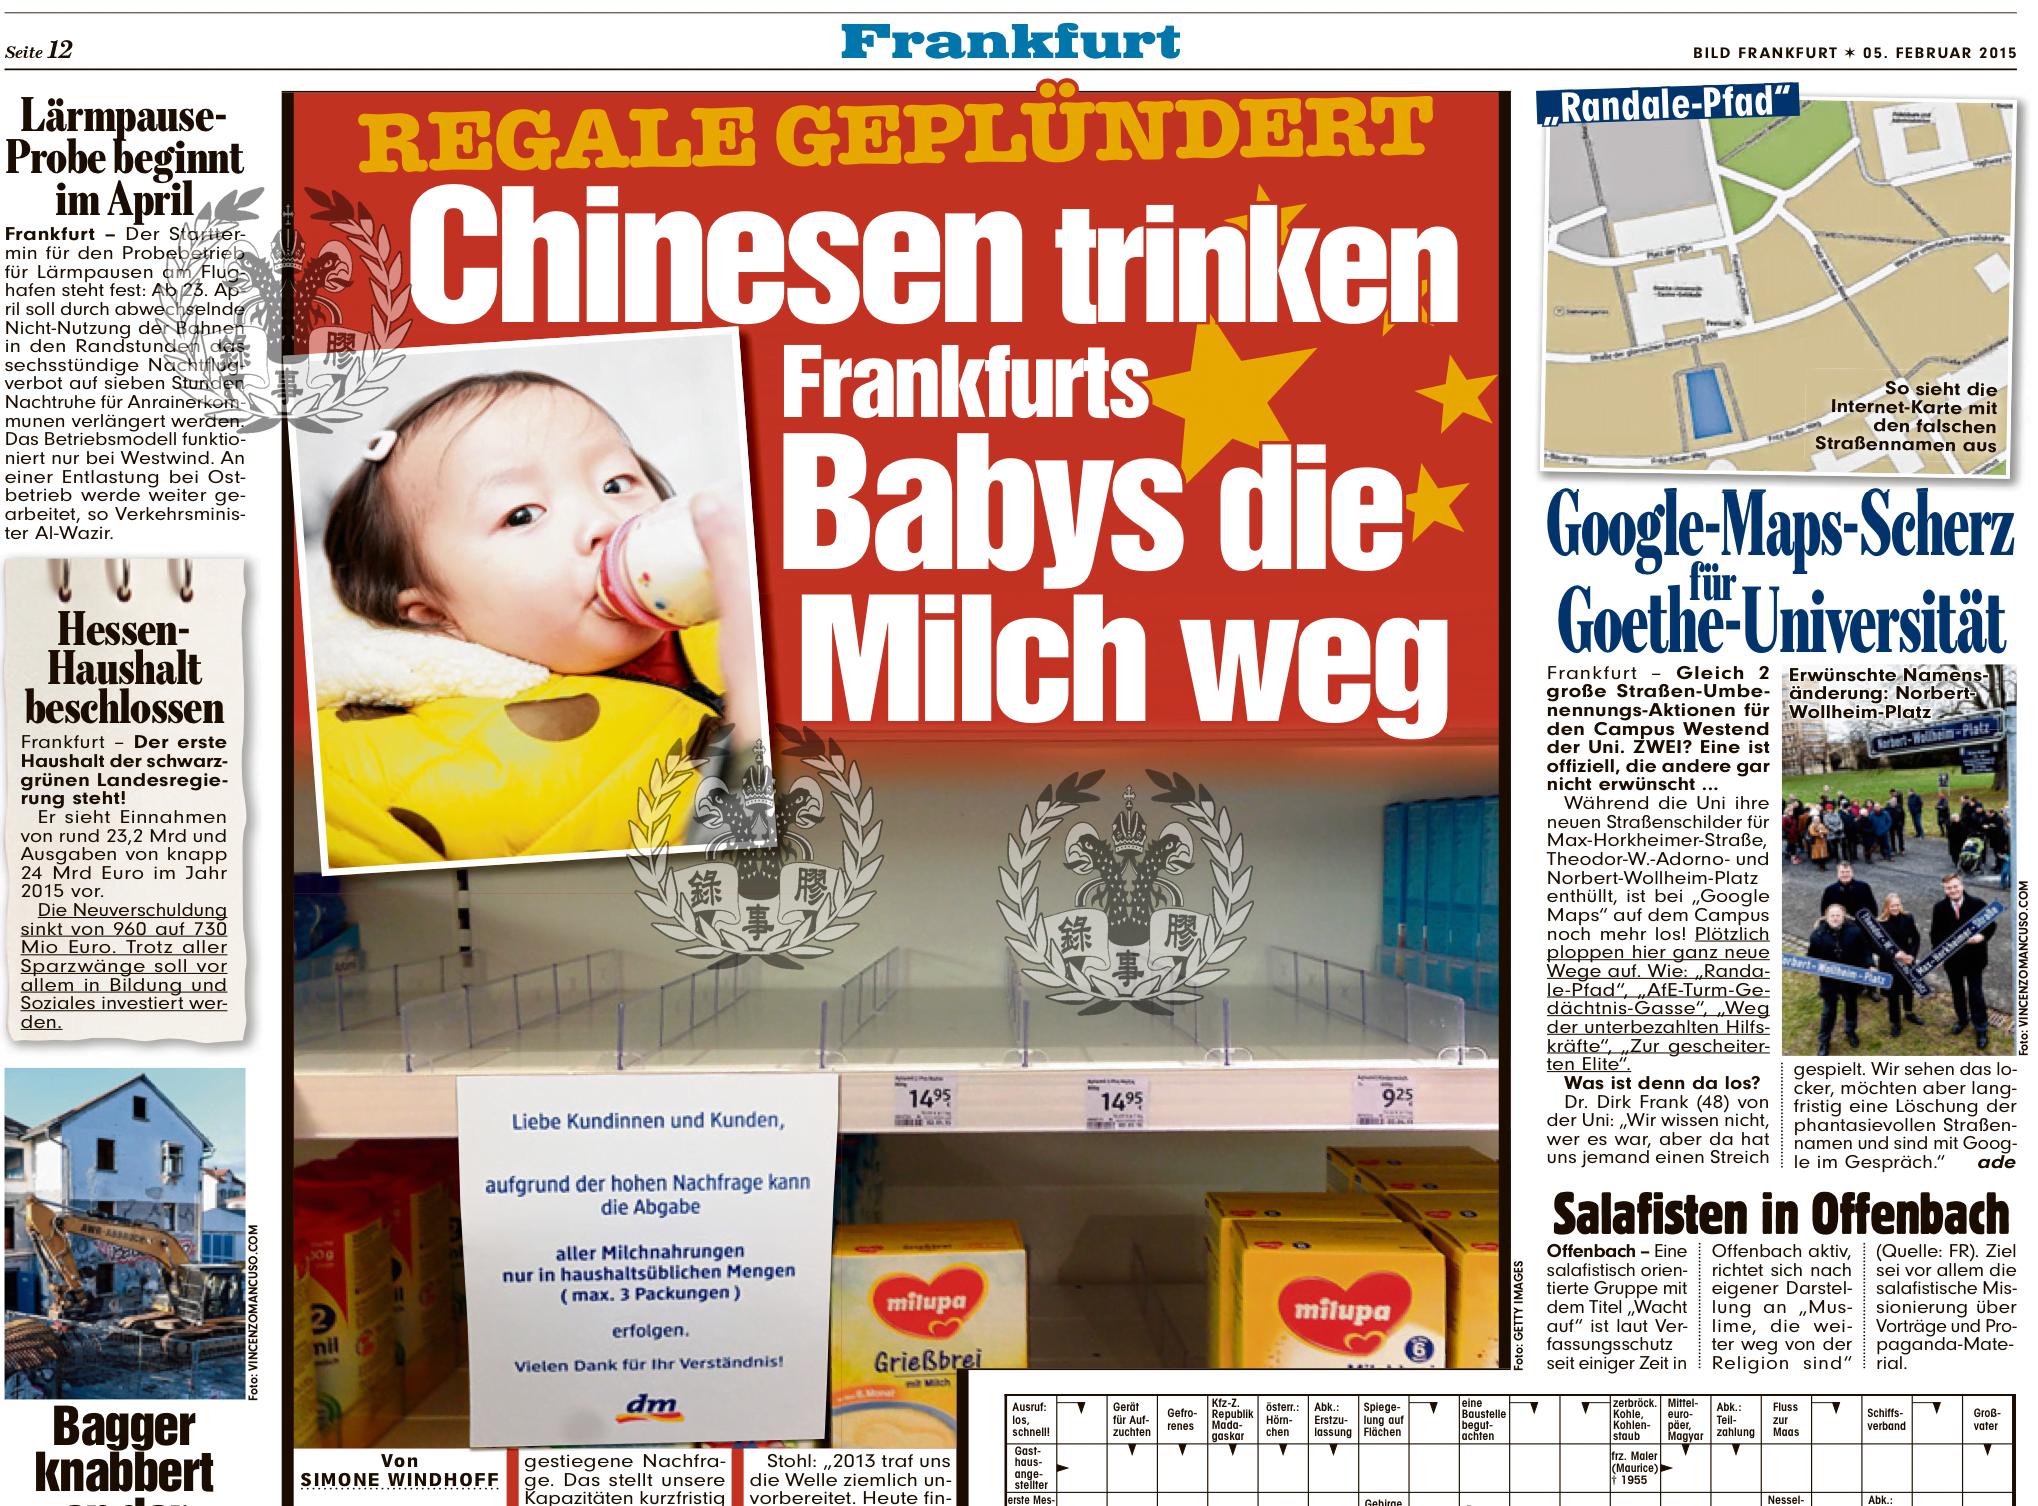 德國「圖片報」報導,當地奶粉供應商雖然已經雙倍供應,但依然無法抵d禦其他國民的購買人潮,最終被清貨,部分鋪頭更要祭出,每日限購3盒的規定。